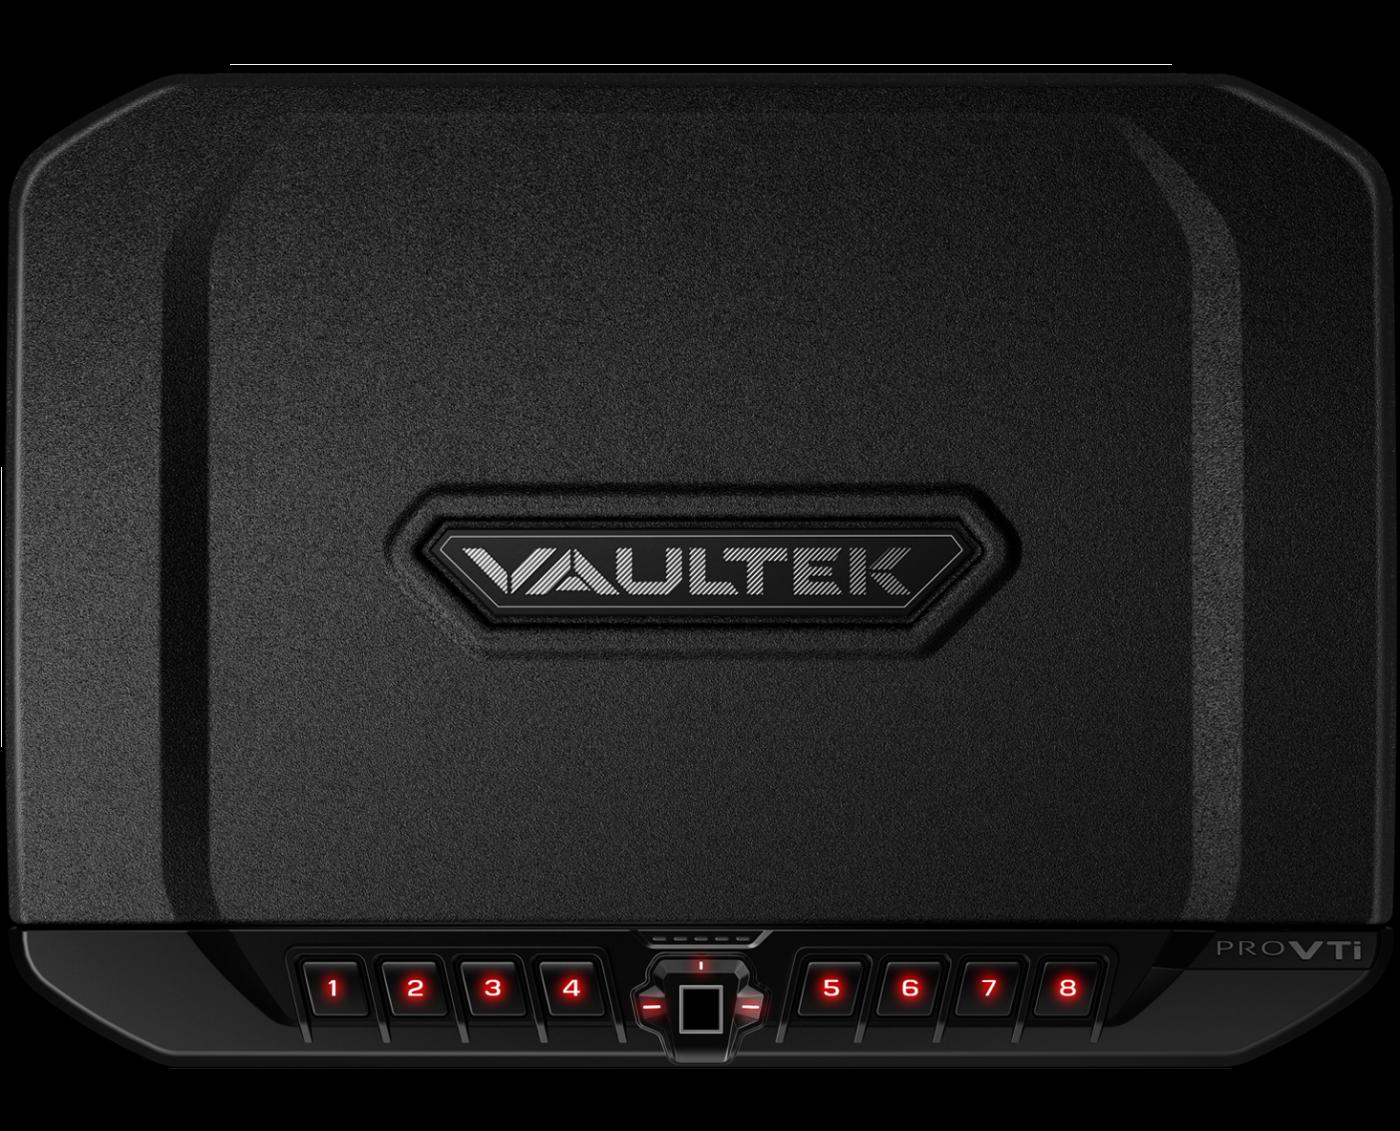 Vaultek PROVTi Series